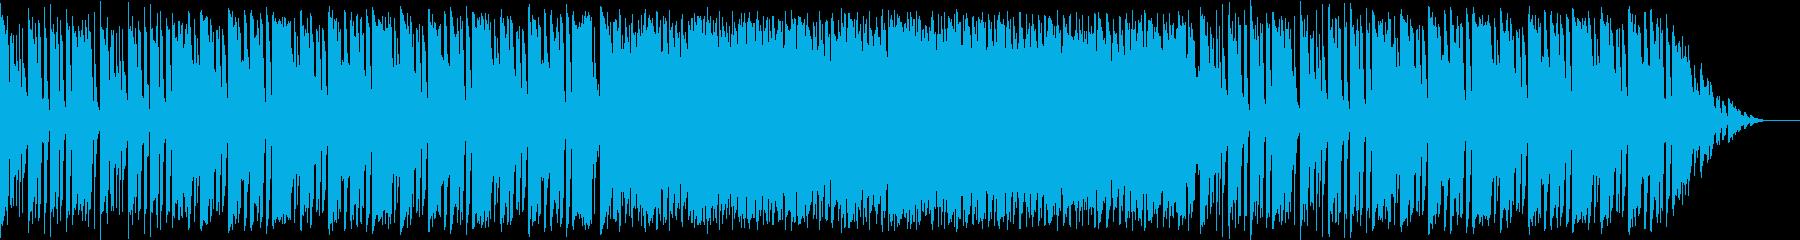 キラキラかわいいBGMのショートver.の再生済みの波形